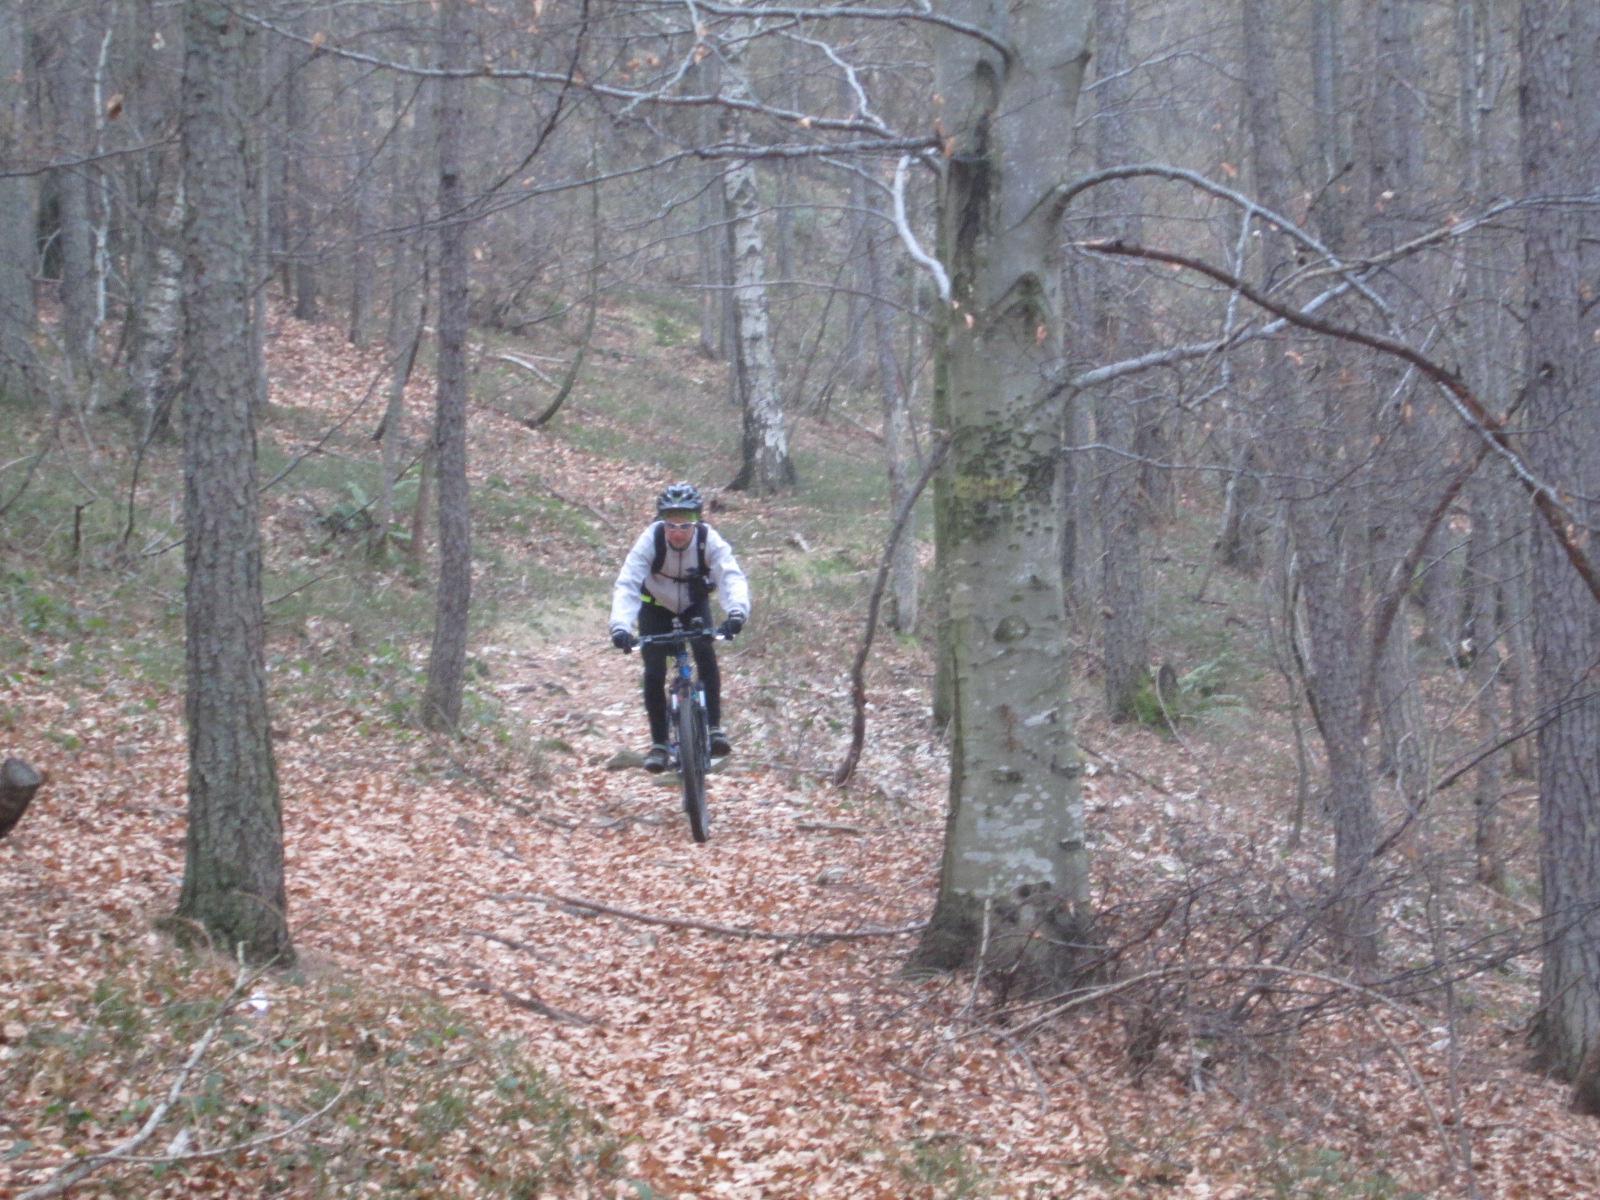 bel tratto nel bosco